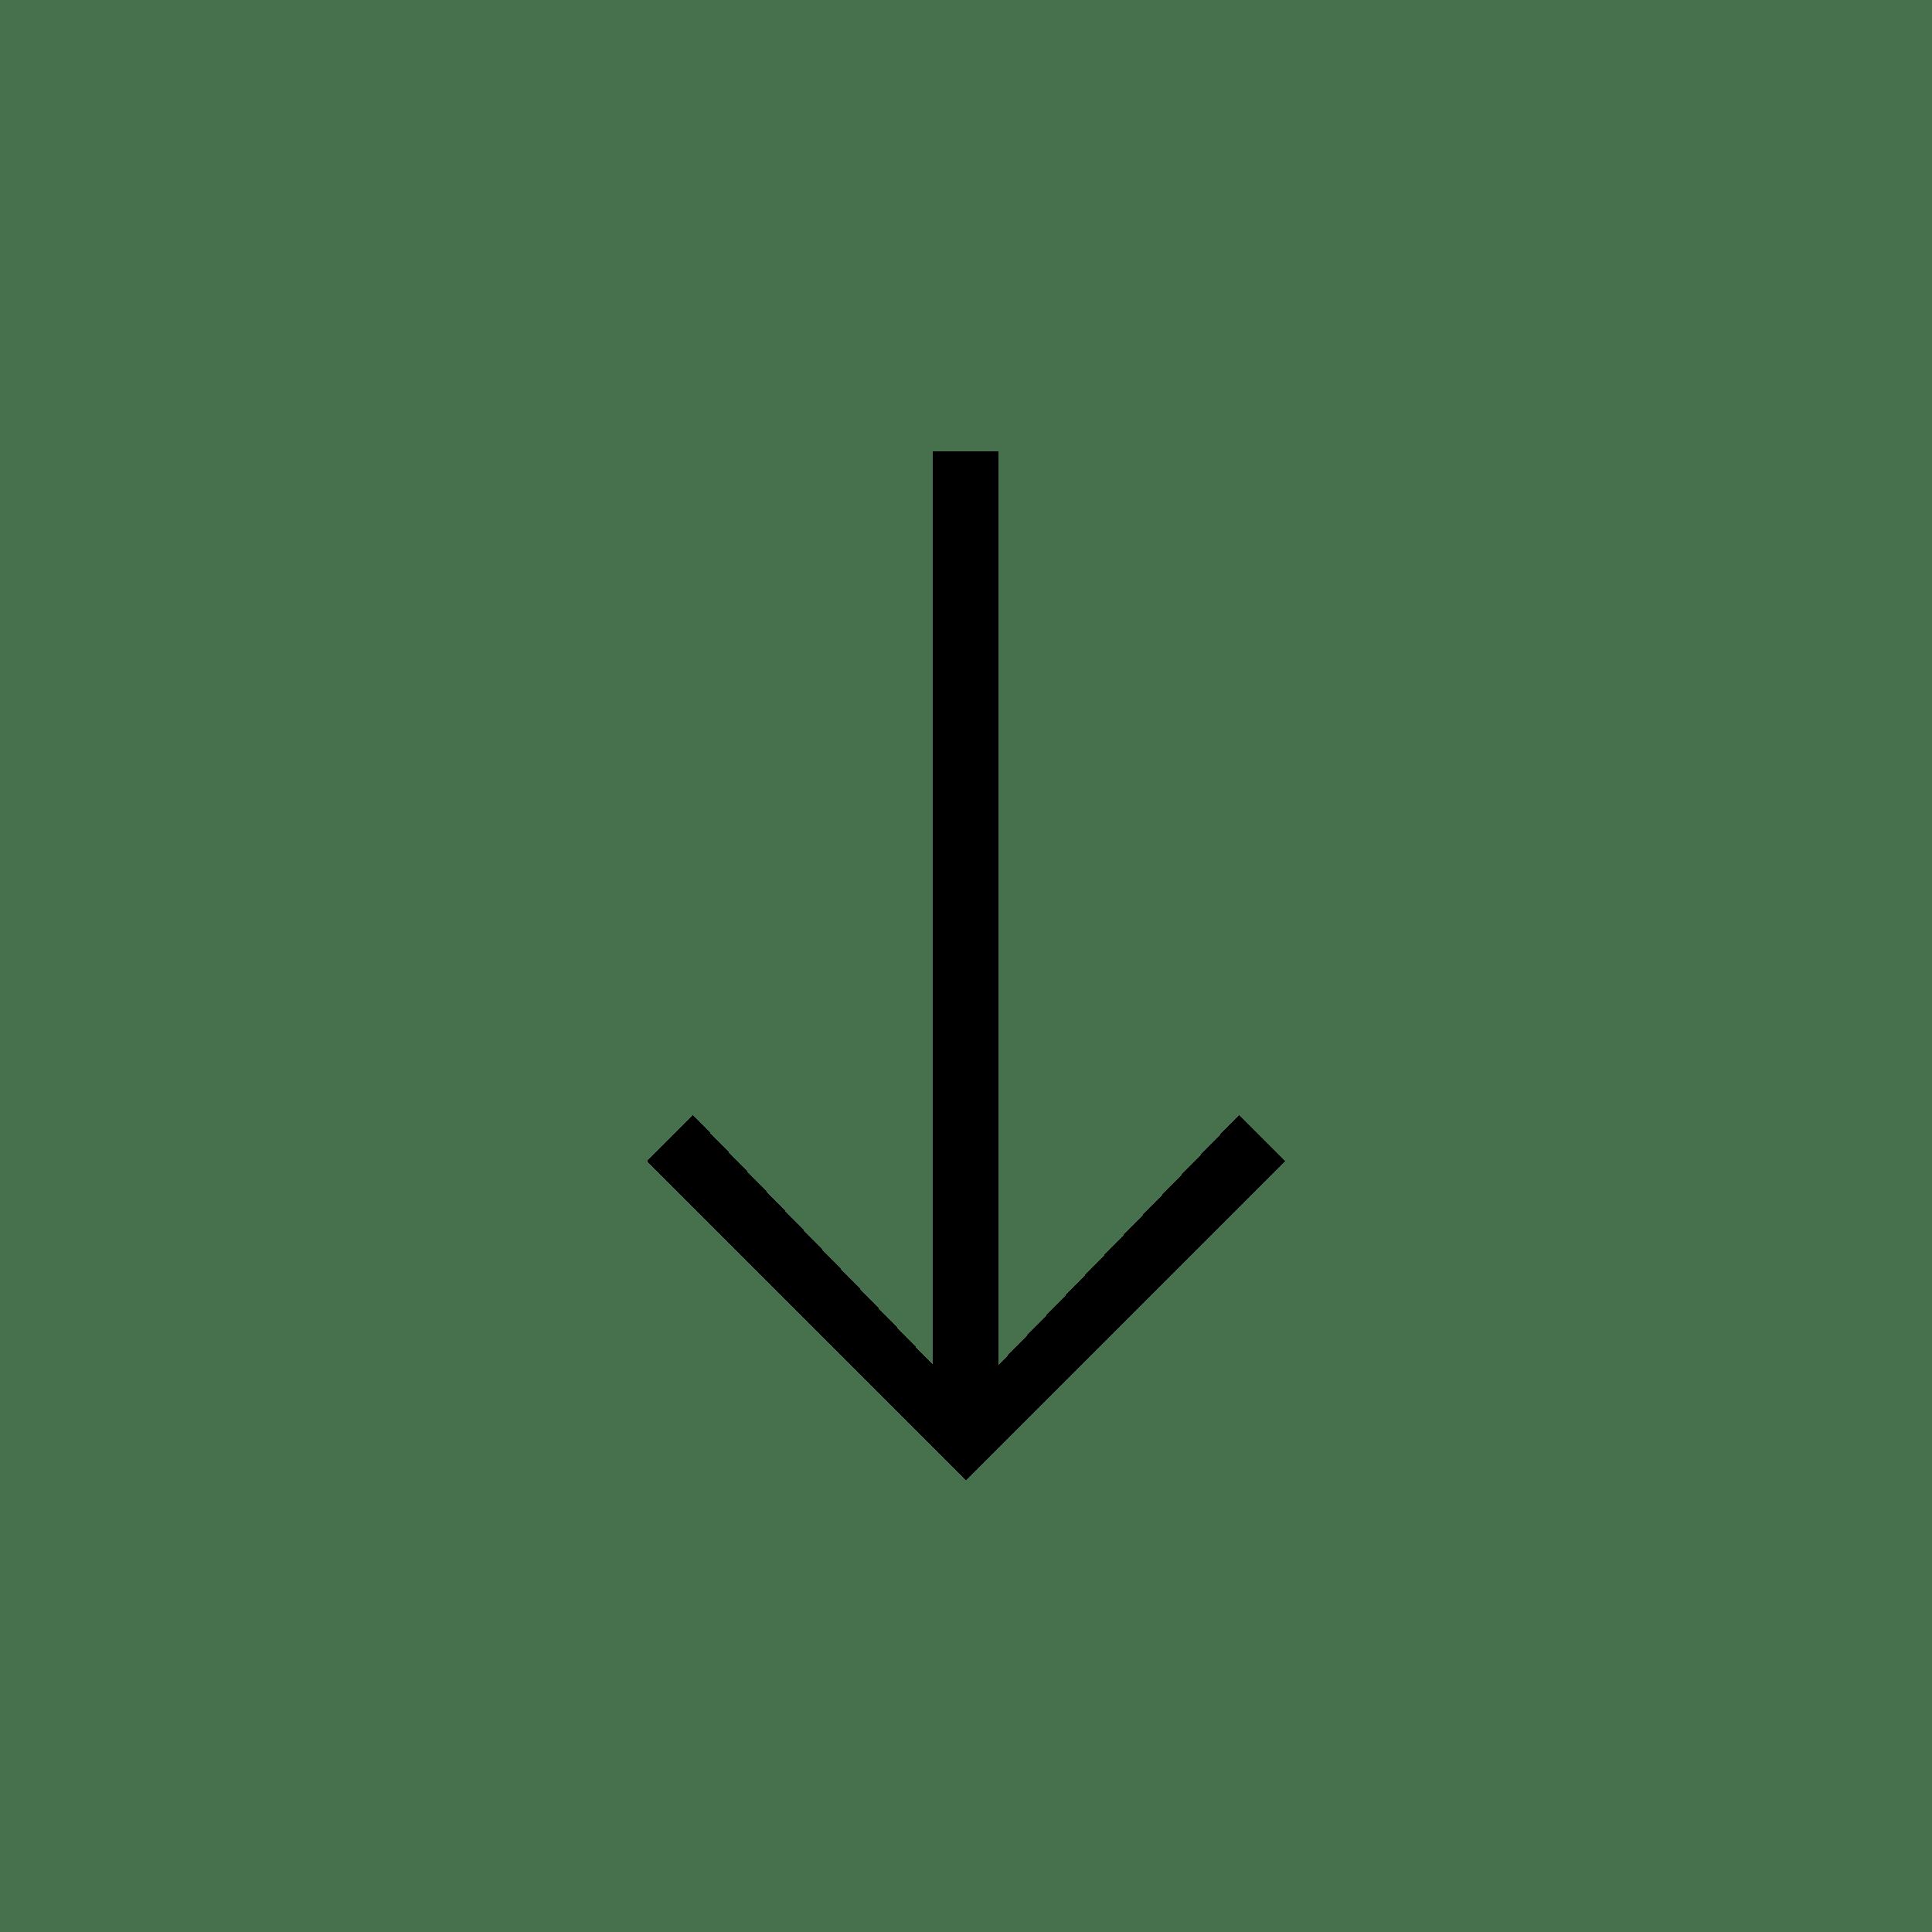 Arrow-Down-01